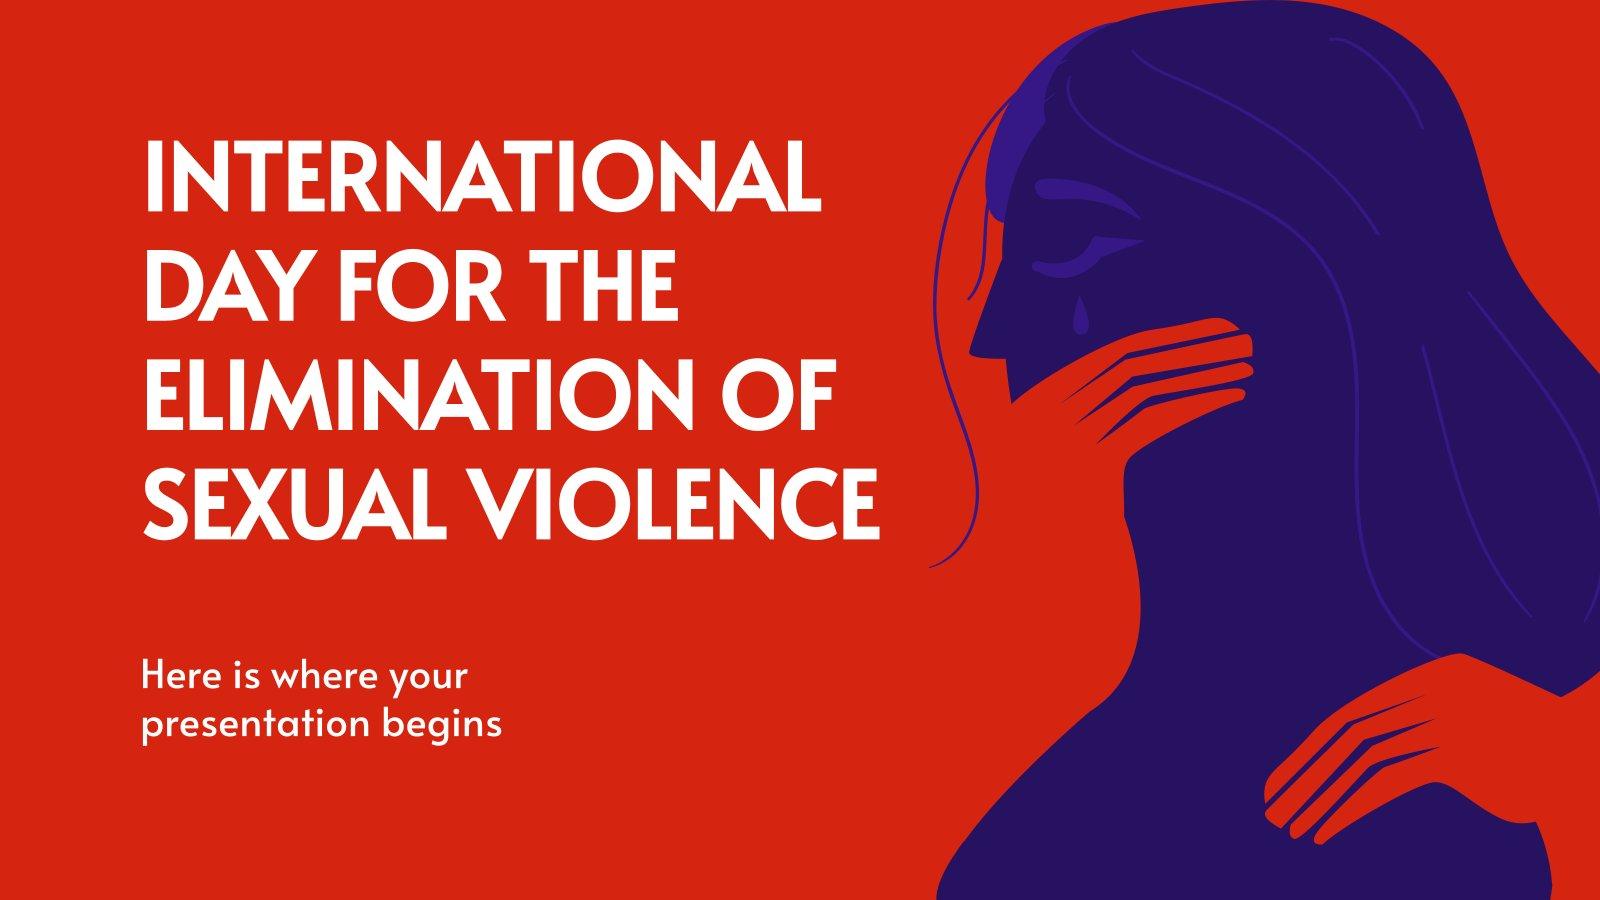 Plantilla de presentación Día Internacional para la Eliminación de la Violencia Sexual